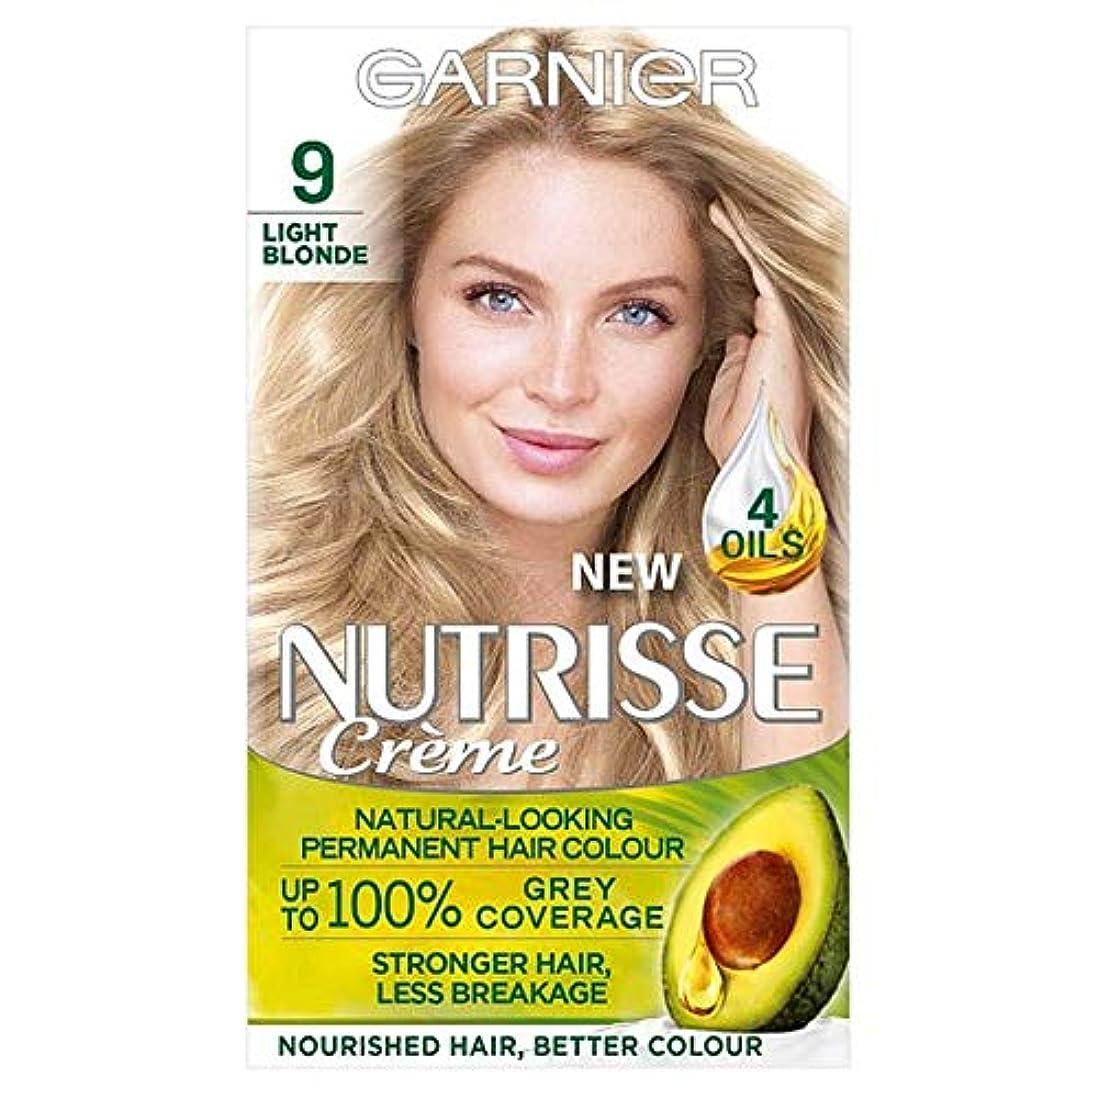 監査講義お酒[Nutrisse] ガルニエNutrisse 9ライトブロンドパーマネントヘアダイ - Garnier Nutrisse 9 Light Blonde Permanent Hair Dye [並行輸入品]